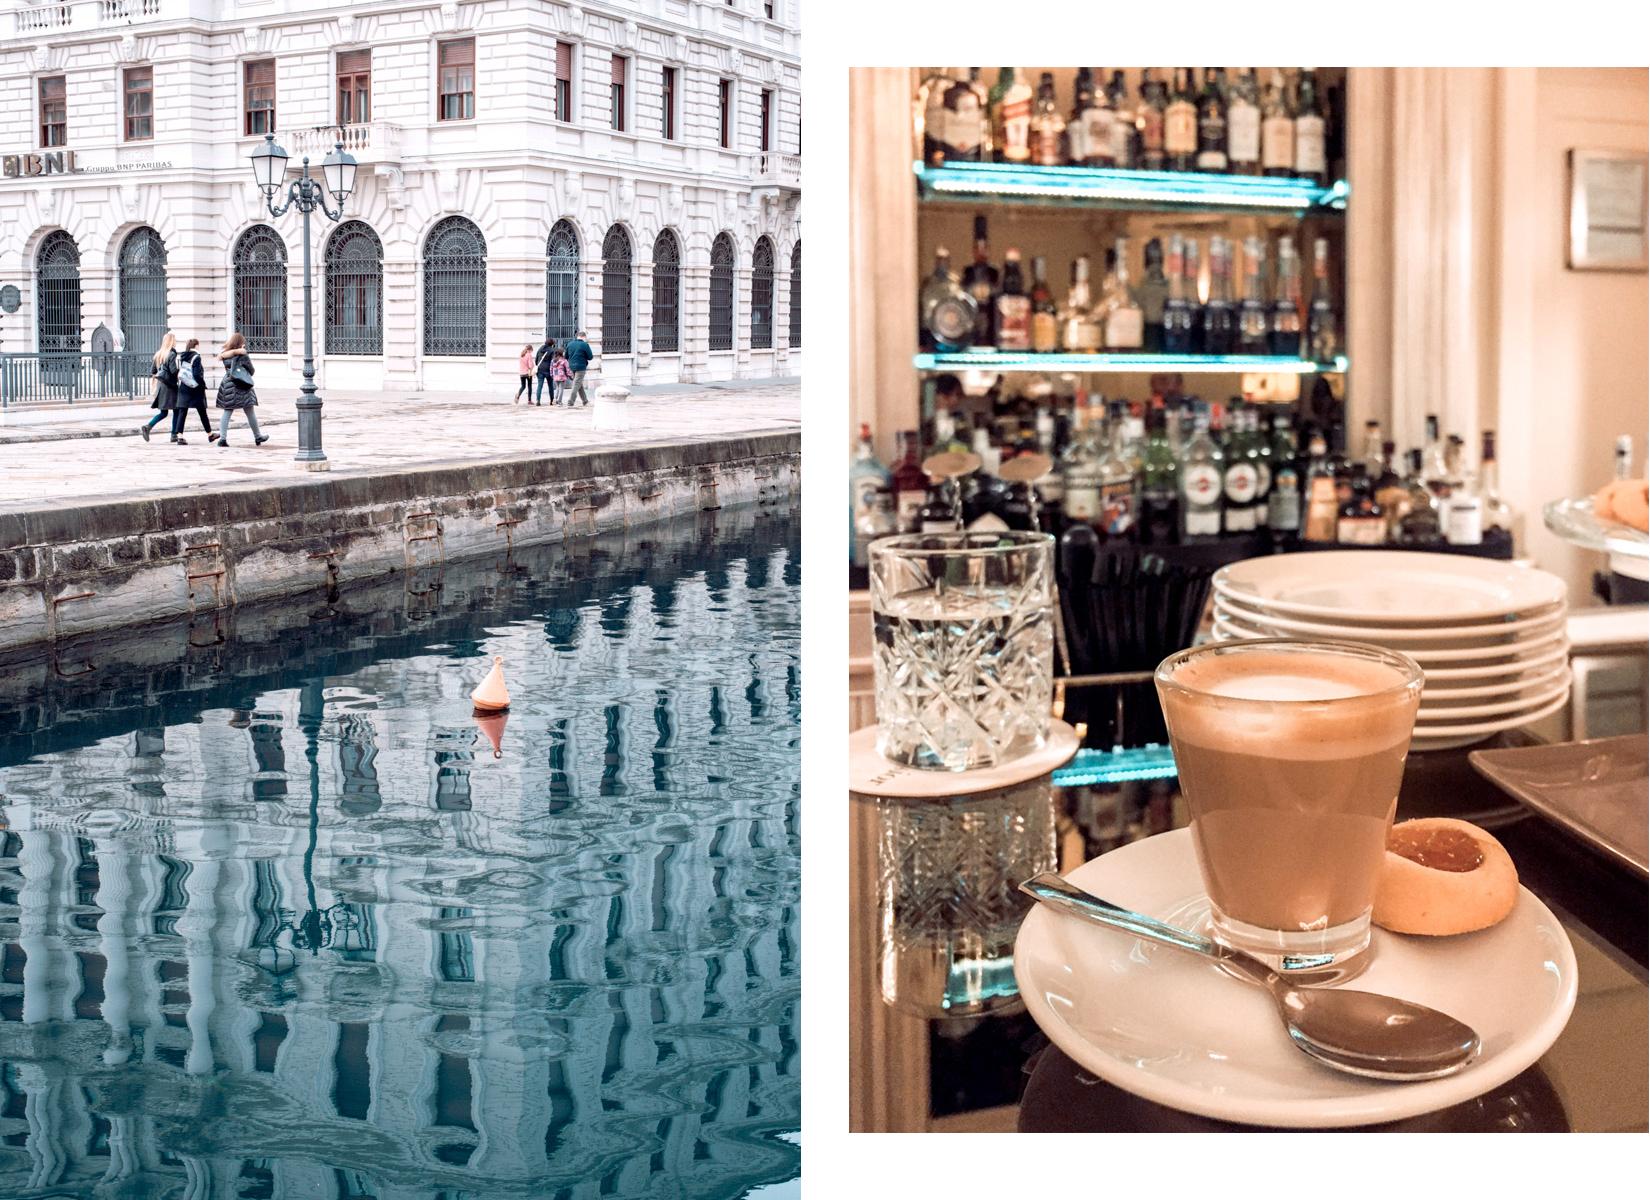 Trieste city centre with a white building and some water channel leading towards the sea and a coffe nero in B - Il centro di Trieste con un palazzo bianco e un canale che porta al mare e un caffè nero in B